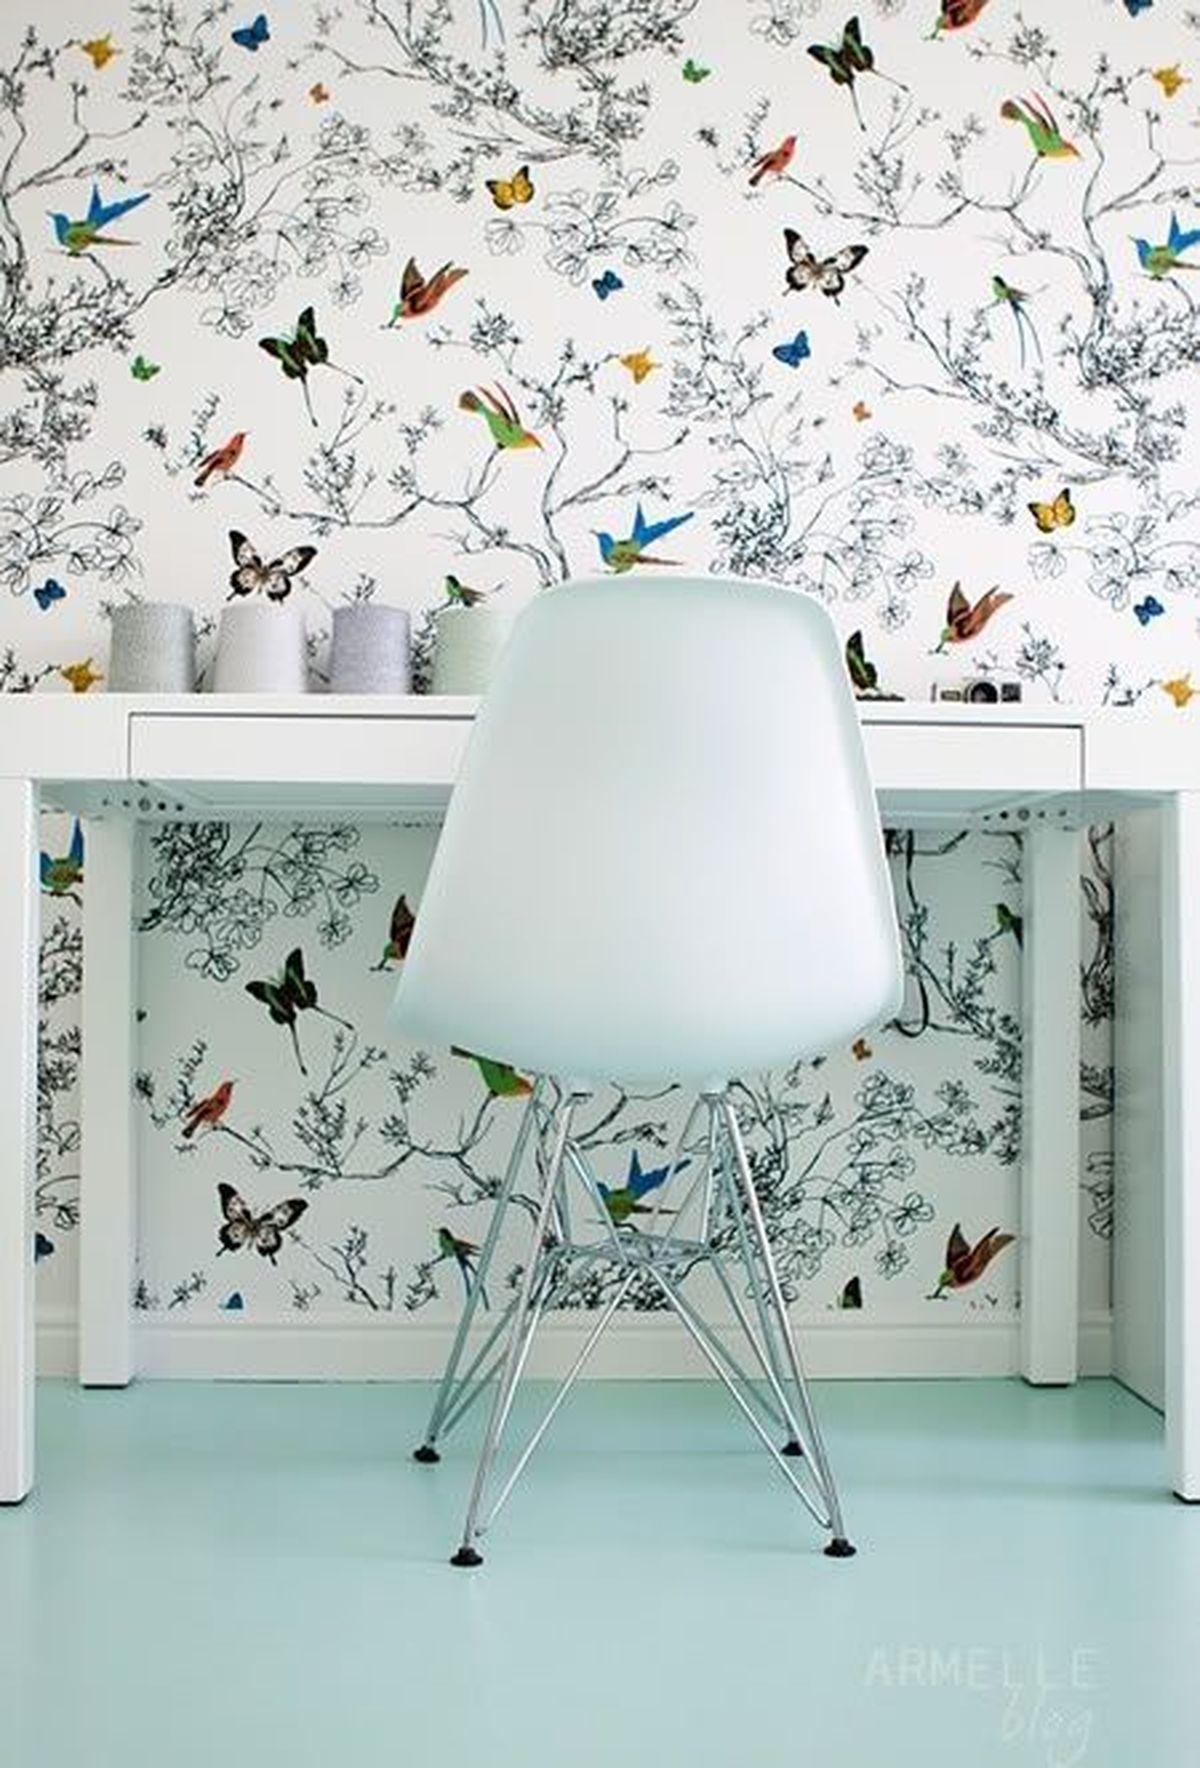 Schumacher Birds And Butterflies Wallpaper Multi On - Butterfly Wallpaper For Bedroom , HD Wallpaper & Backgrounds